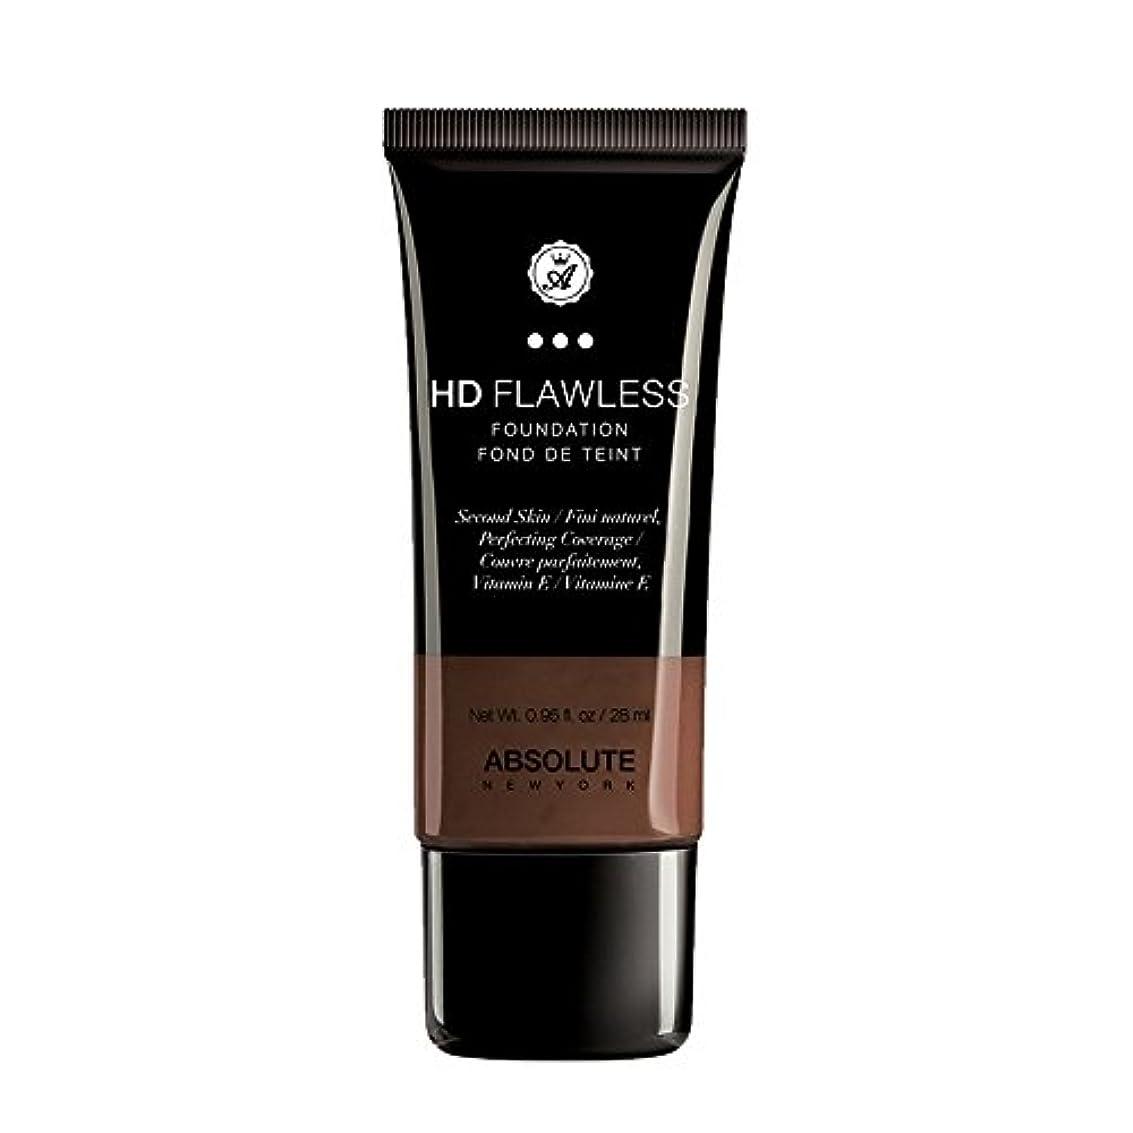 満たす正しく後方(3 Pack) ABSOLUTE HD Flawless Fluid Foundation - Espresso (並行輸入品)